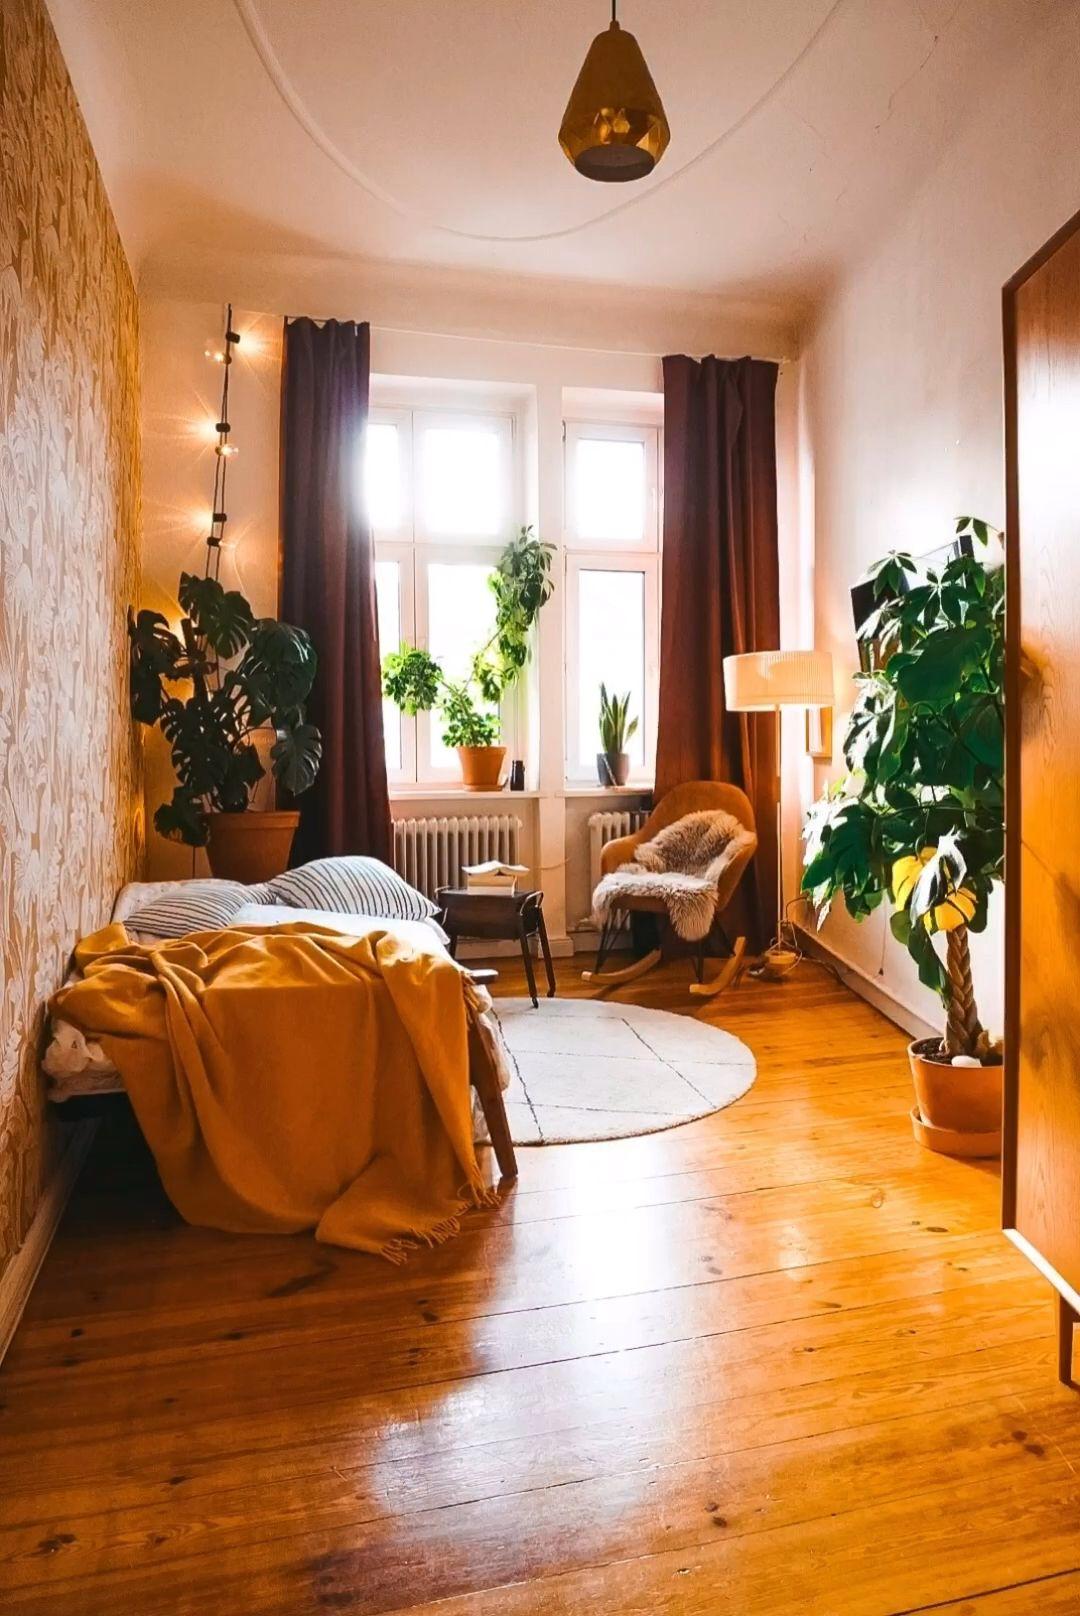 Shop my Home - Finde hier, wo Fridlaa ihre Möbel b